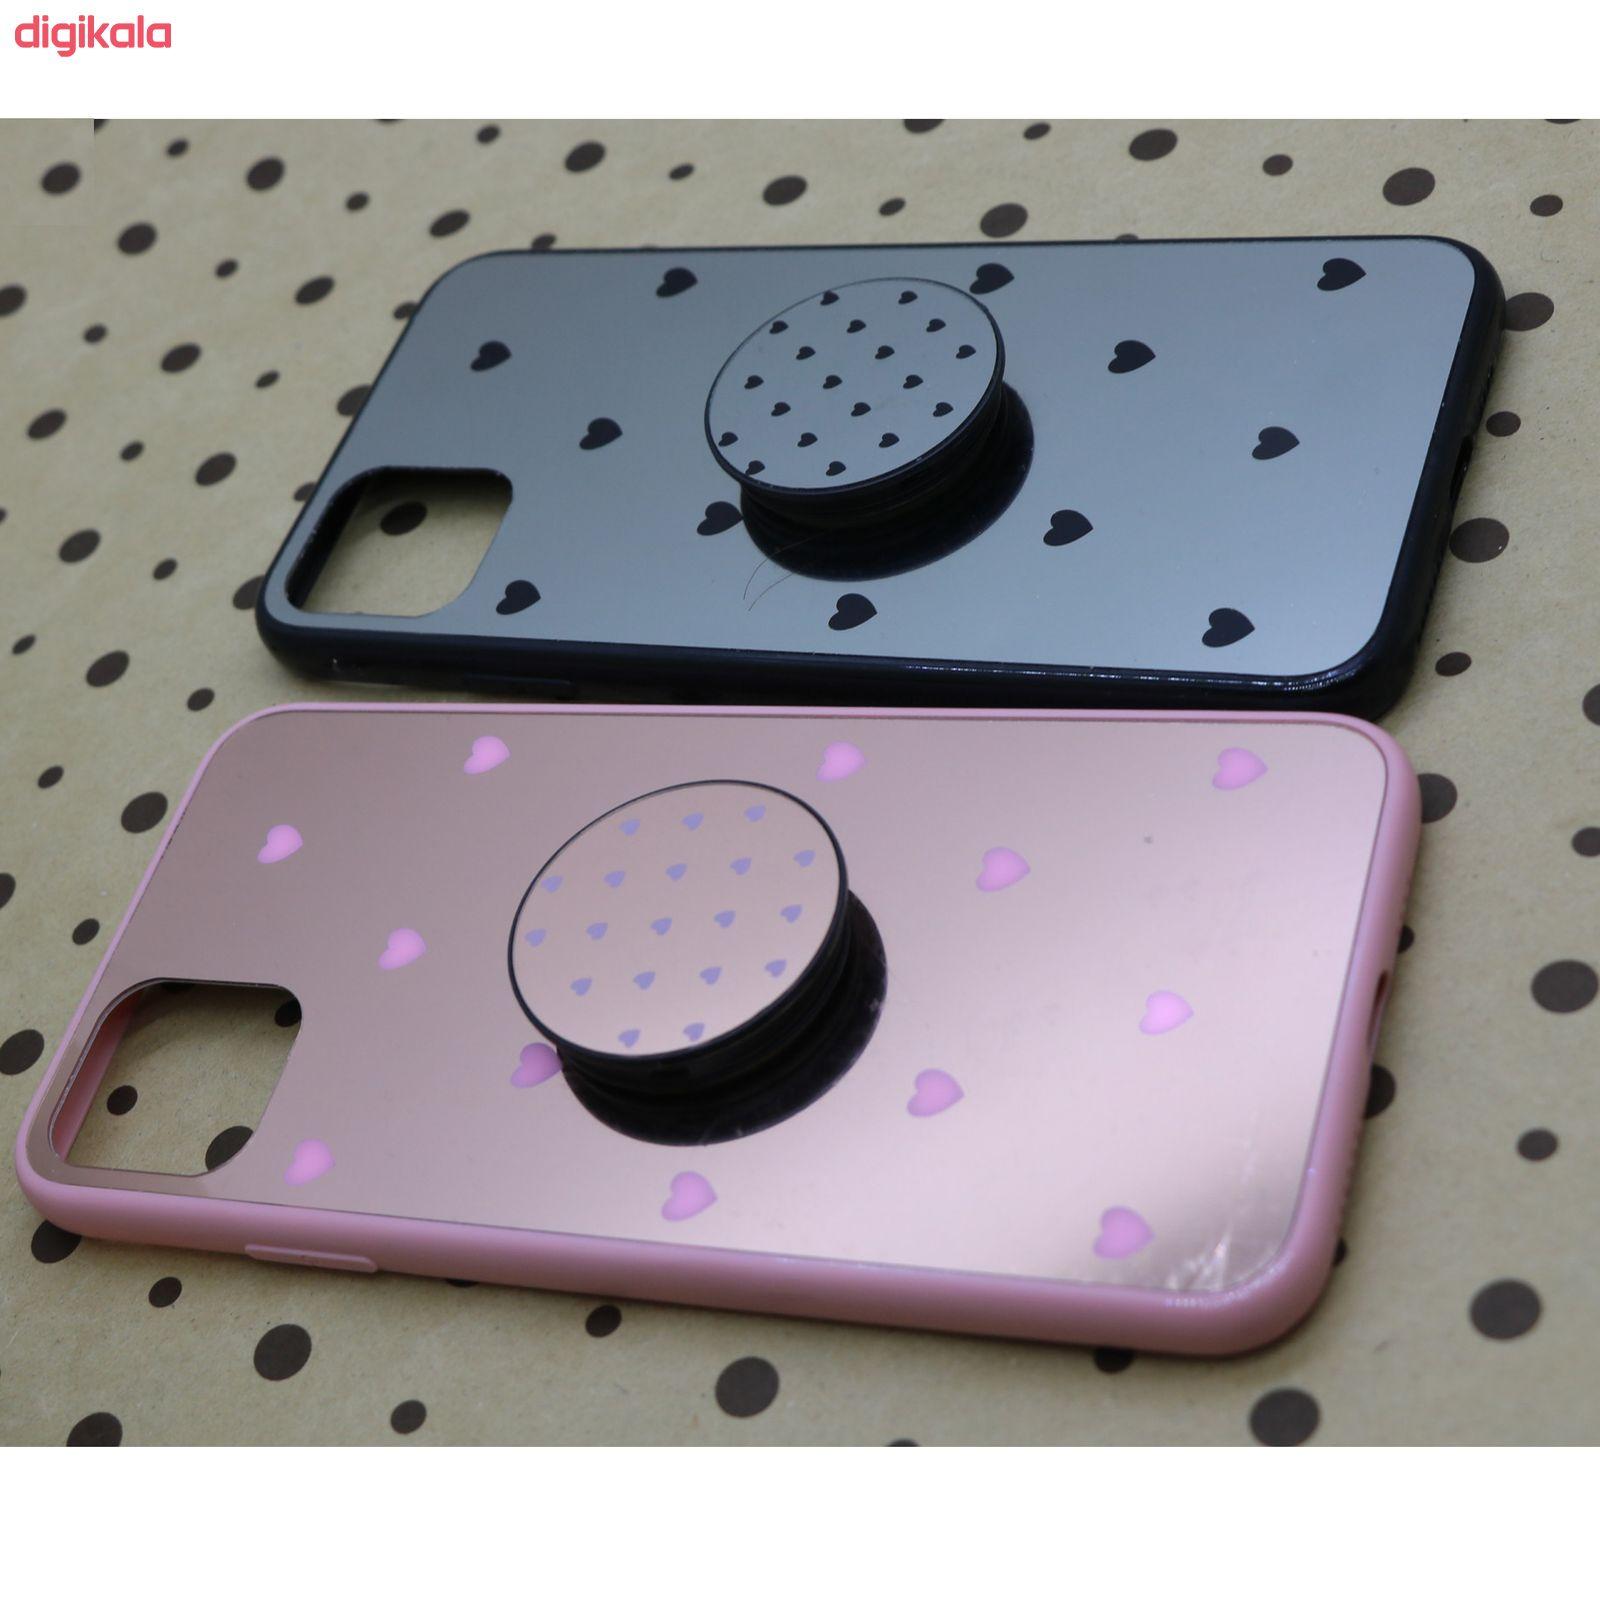 کاور طرح Heart مدل BH-01 مناسب برای گوشی موبایل اپل Iphone 11 به همراه نگهدارنده main 1 5